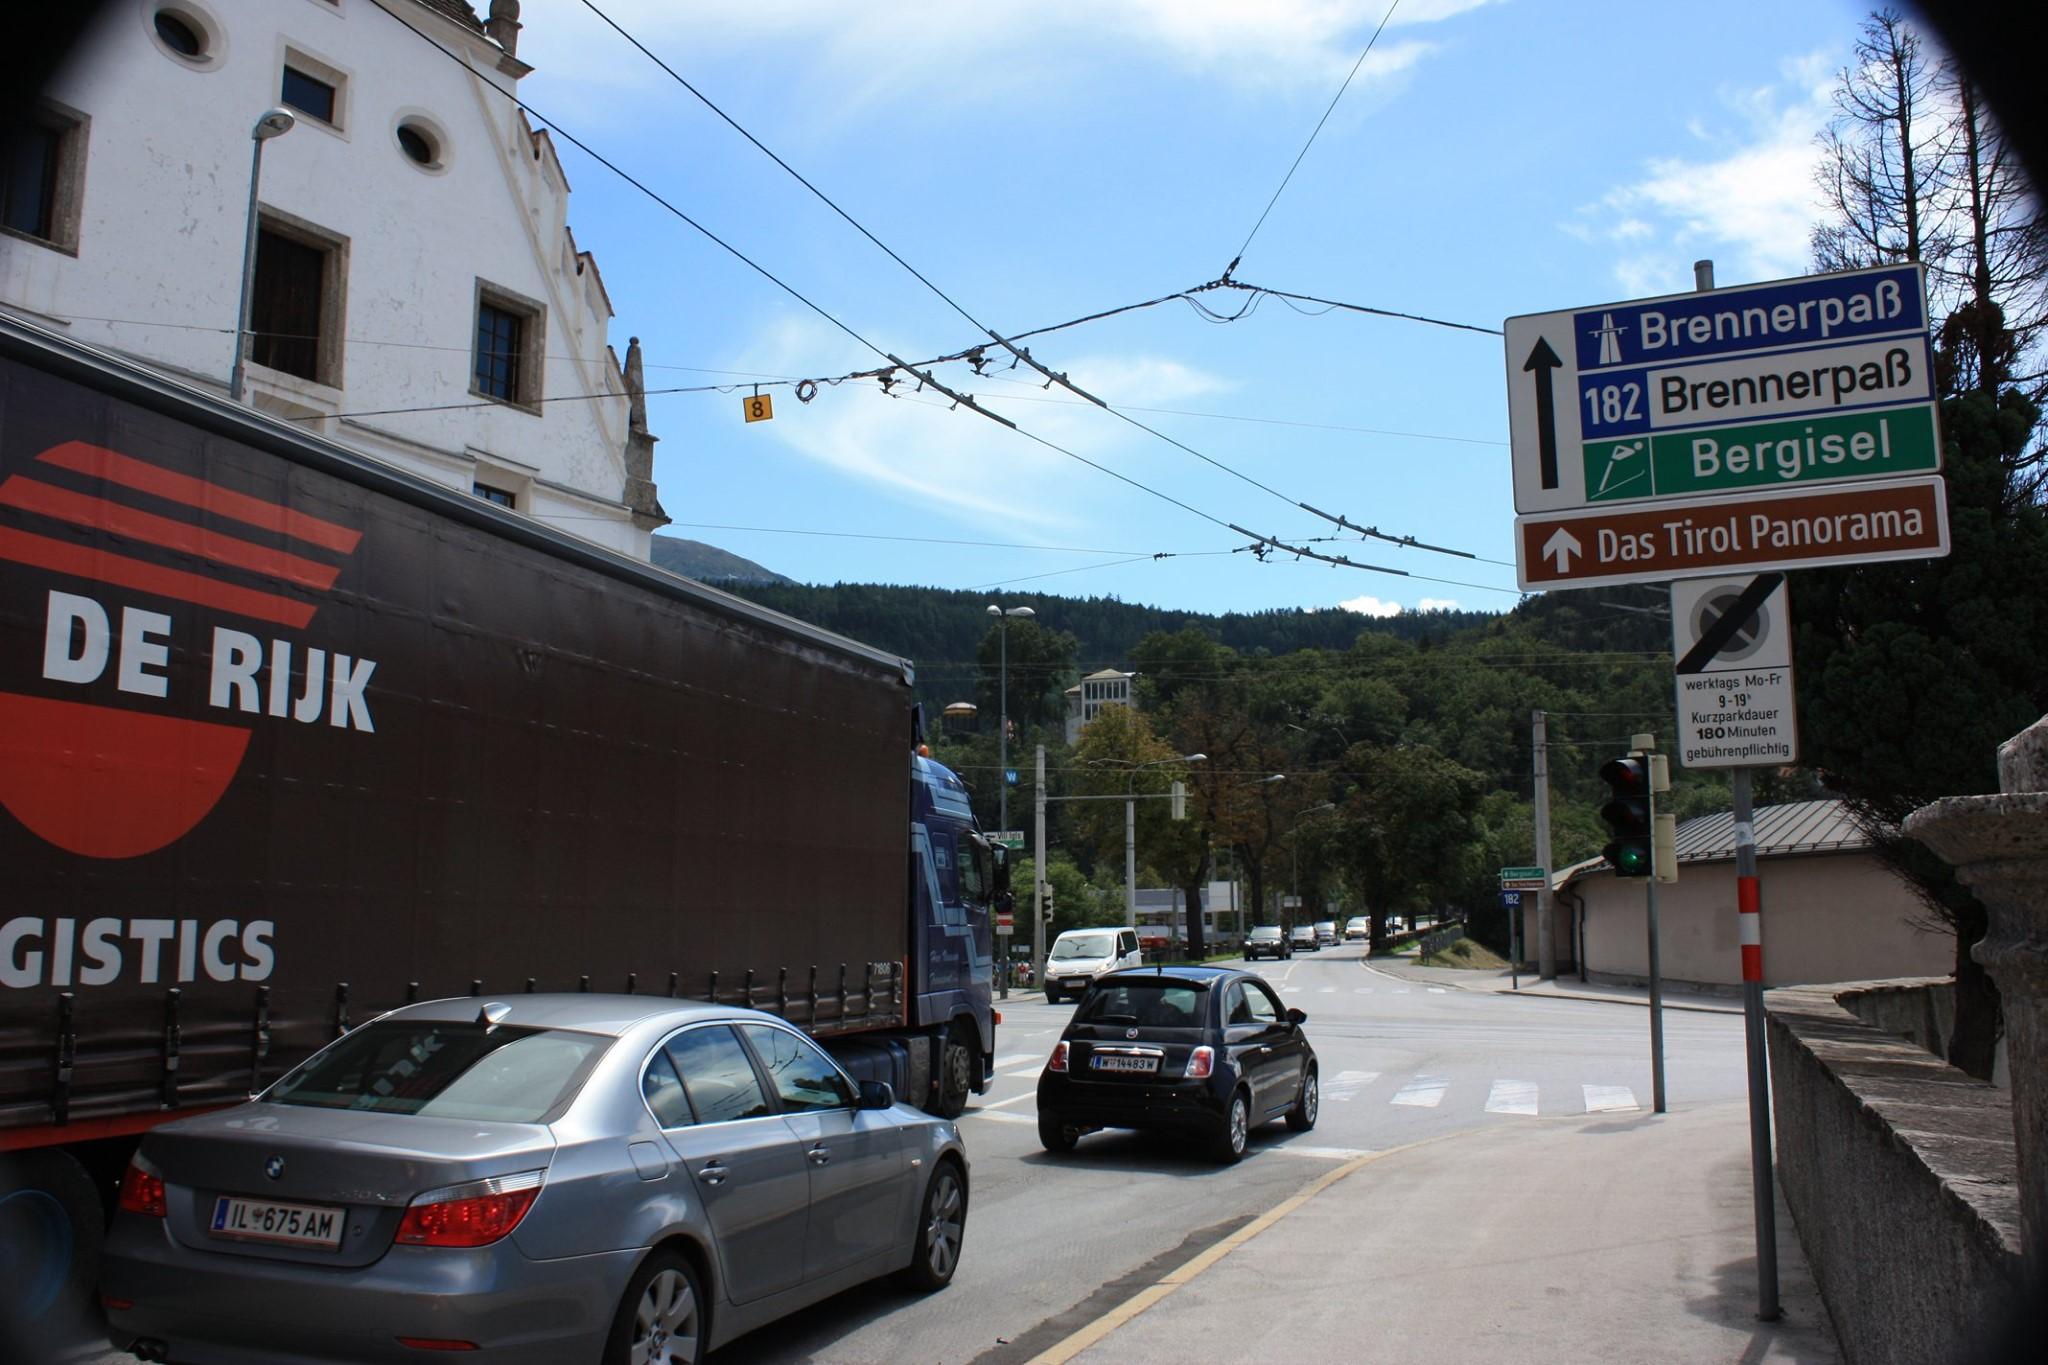 Brennerstrasse-in-Insbruck-2011-Theo-Sijbers-foto